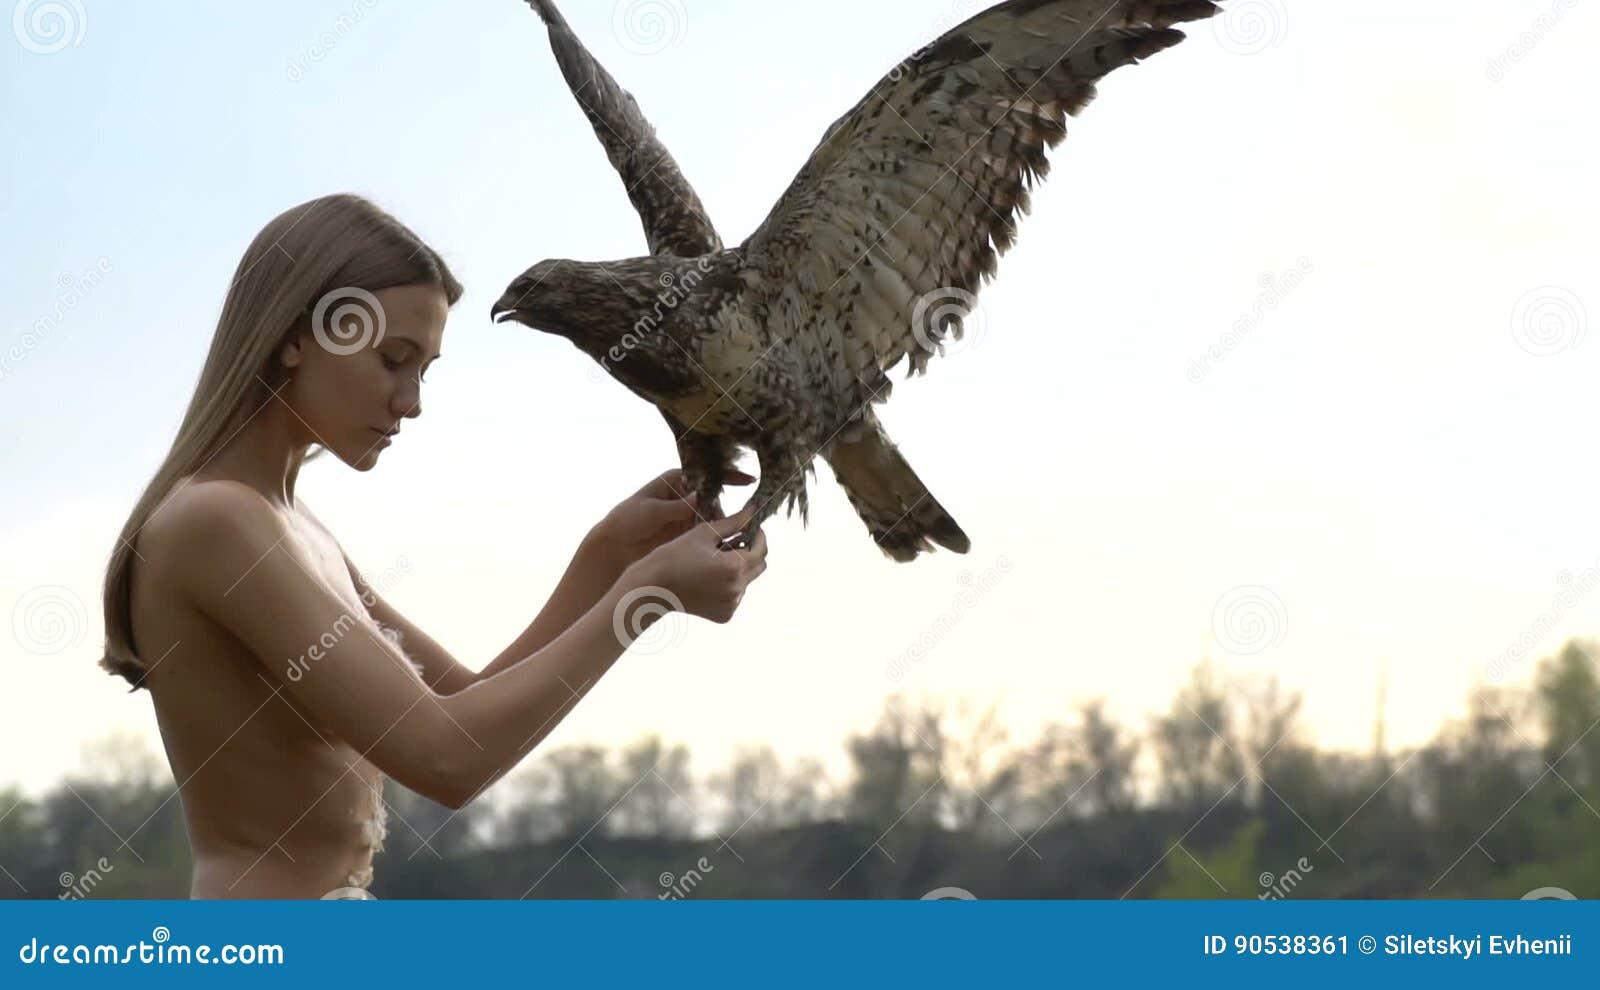 Consider, Girls all the eagles naked girls something